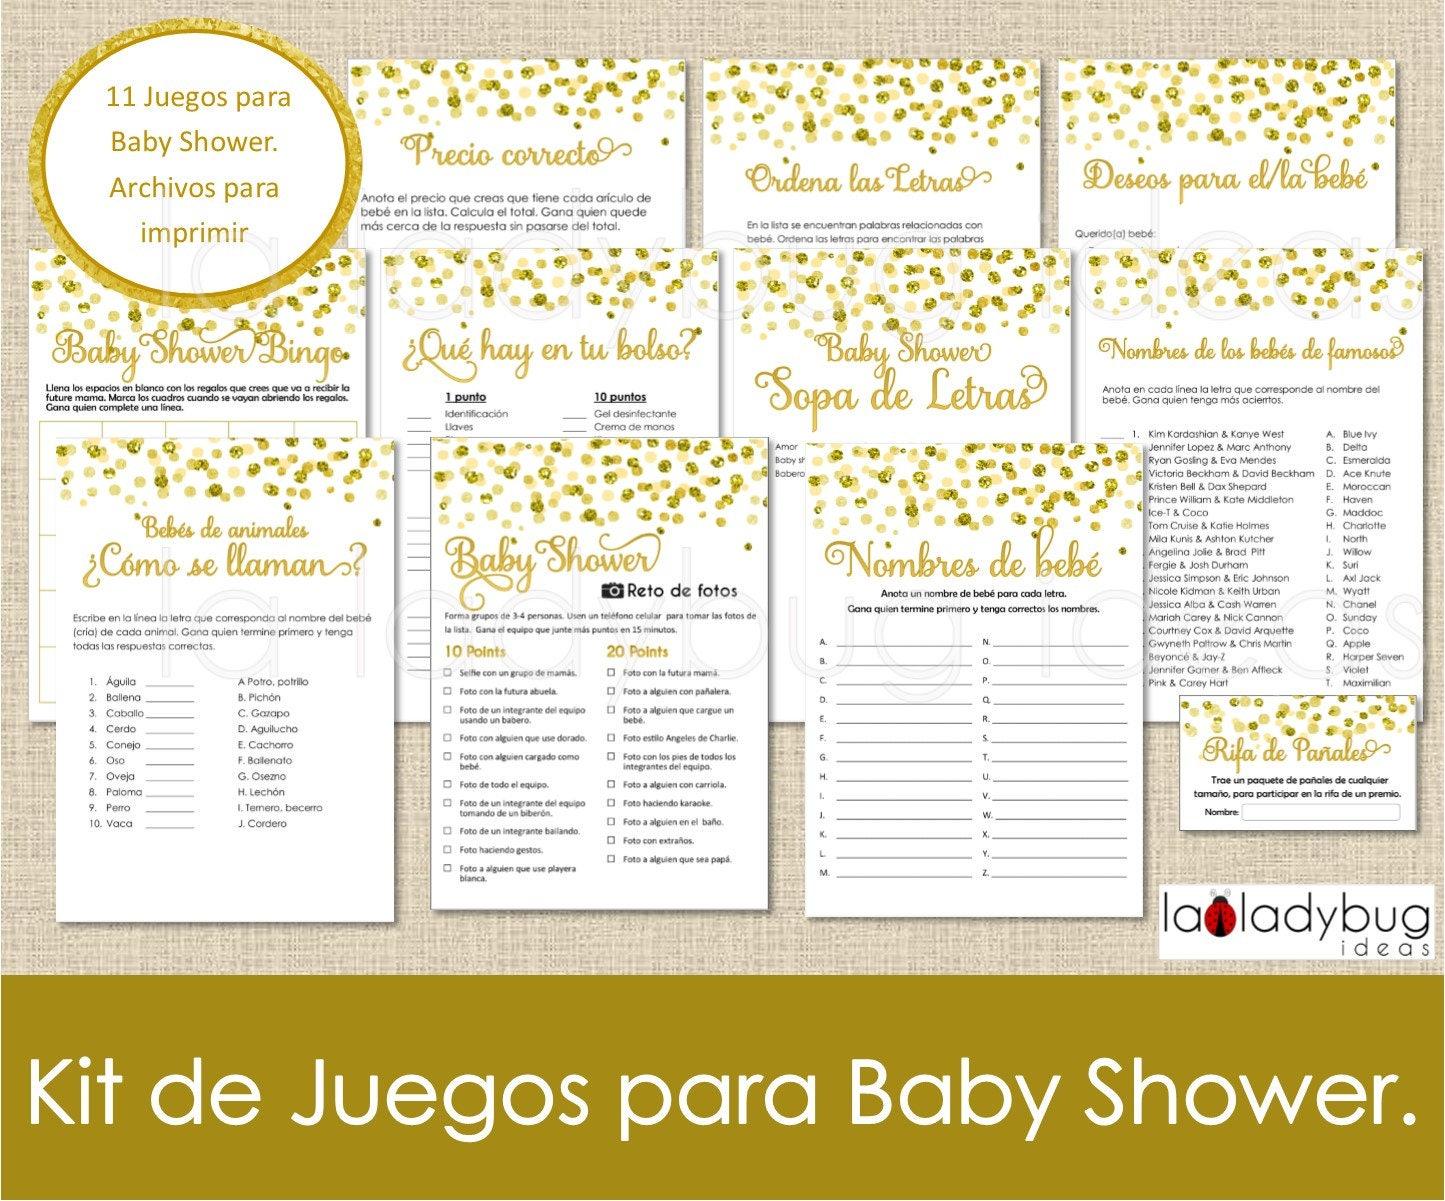 Juegos Para Baby Shower Archivos Pdf Jpeg Para Imprimir 11 Etsy